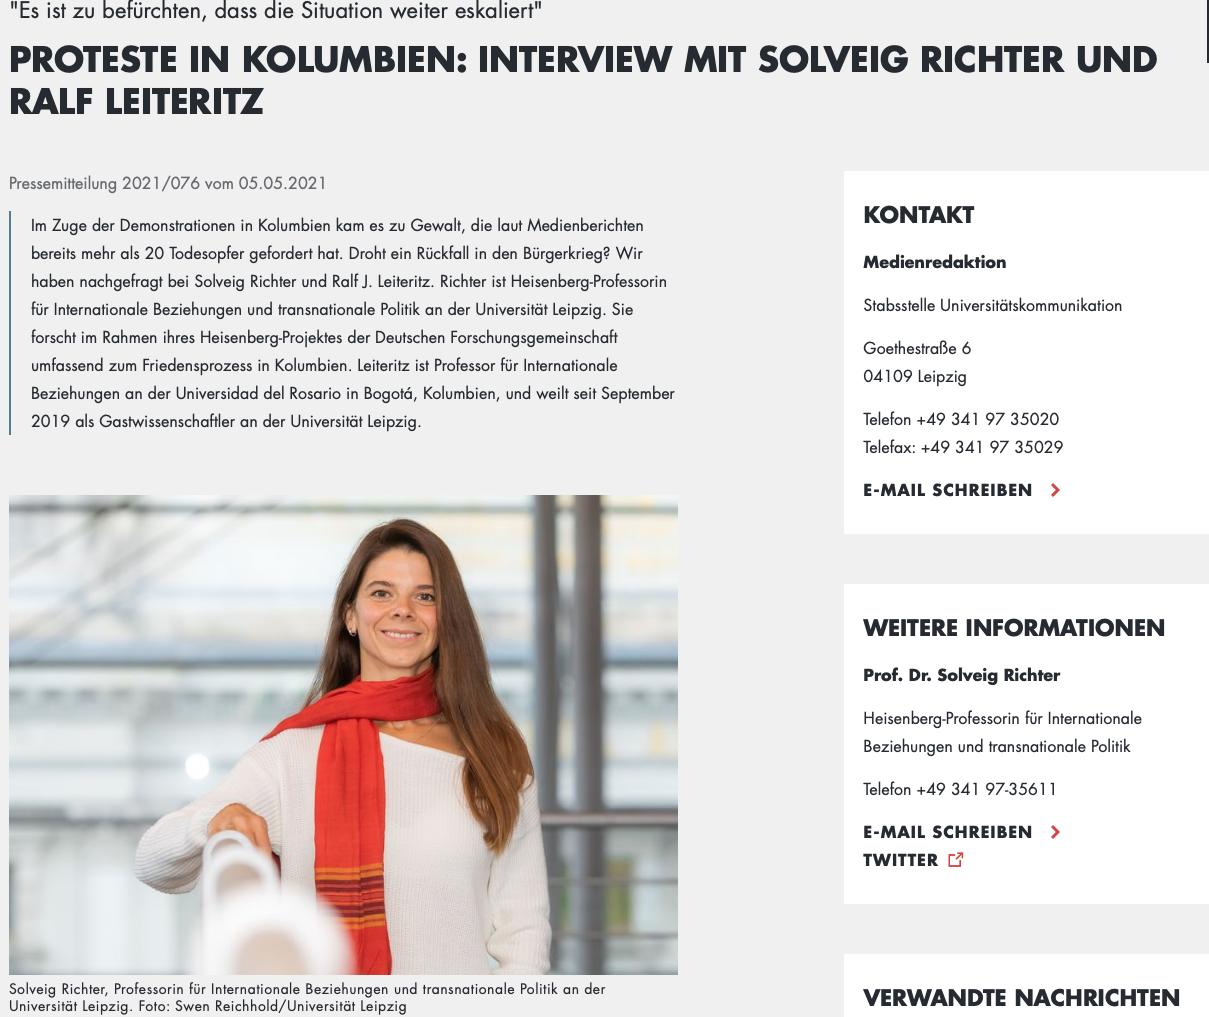 Solveig Richter fue vocera de la Universidad de Erfurt en el consorcio del Instituto CAPAZ. Hoy día es docente en la universidad de Leipzig.